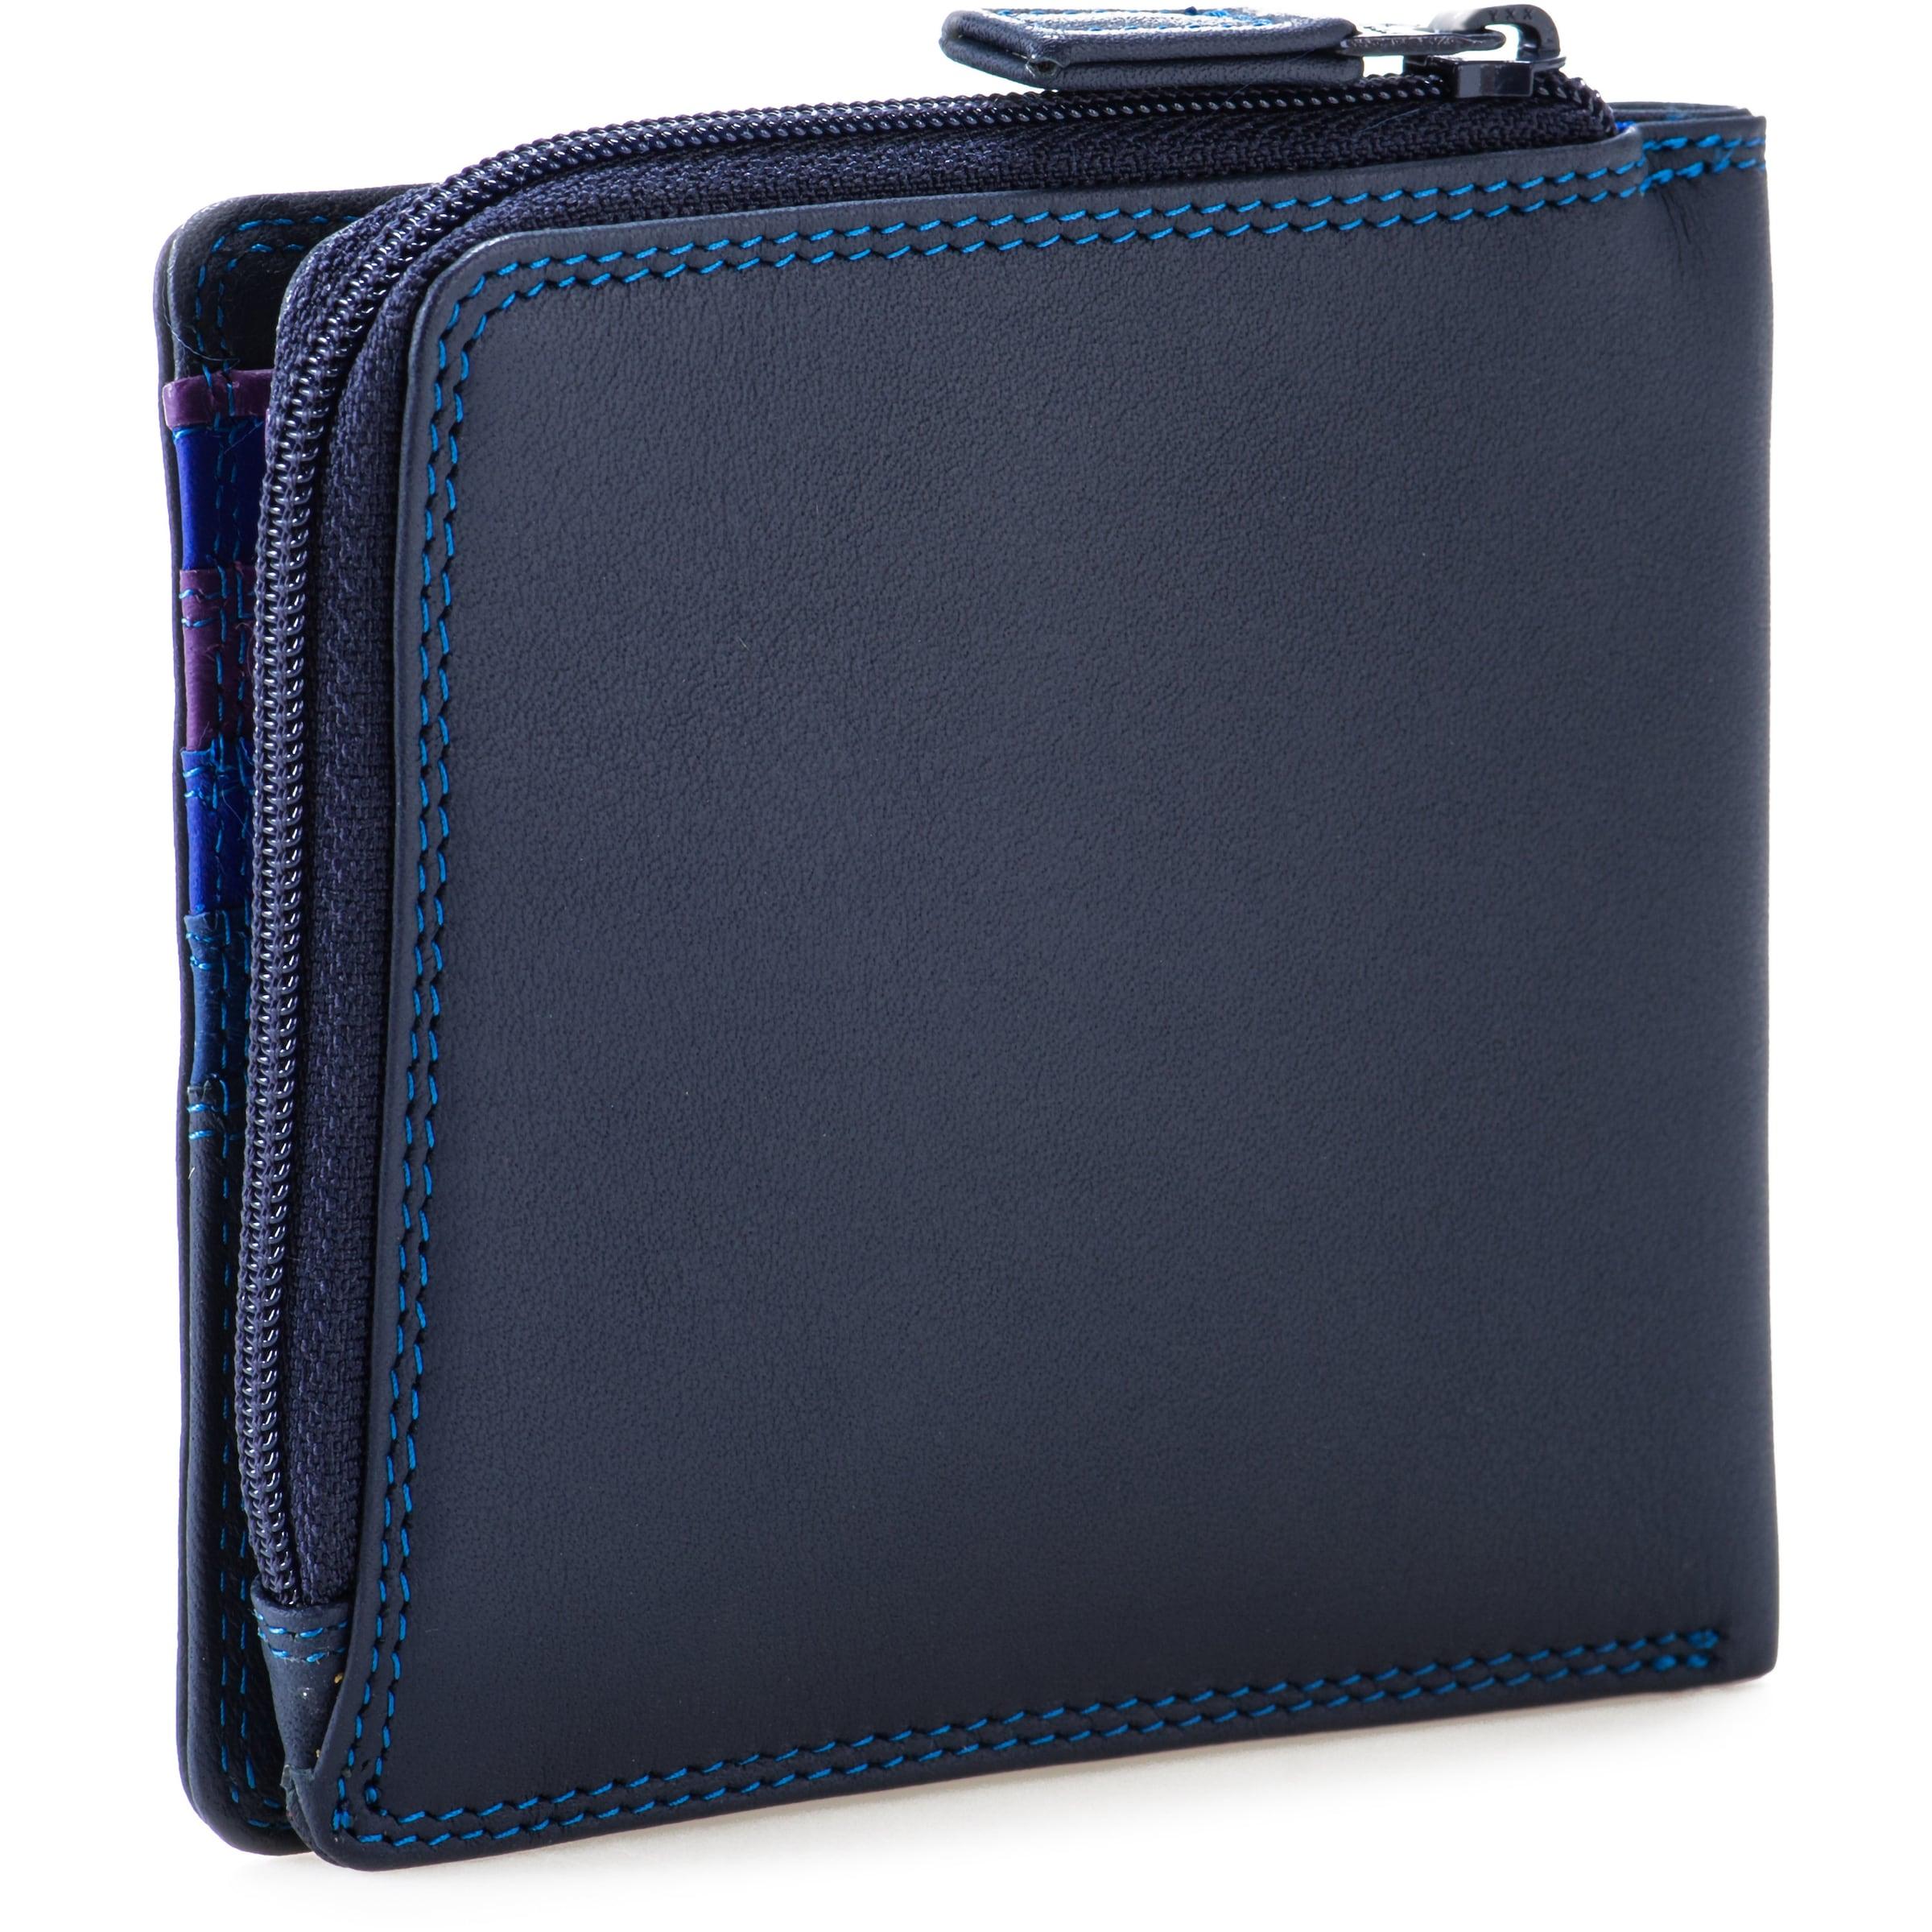 'standard Mywalit Wallet' Dunkelblau In Geldbörse tsrCdhQ